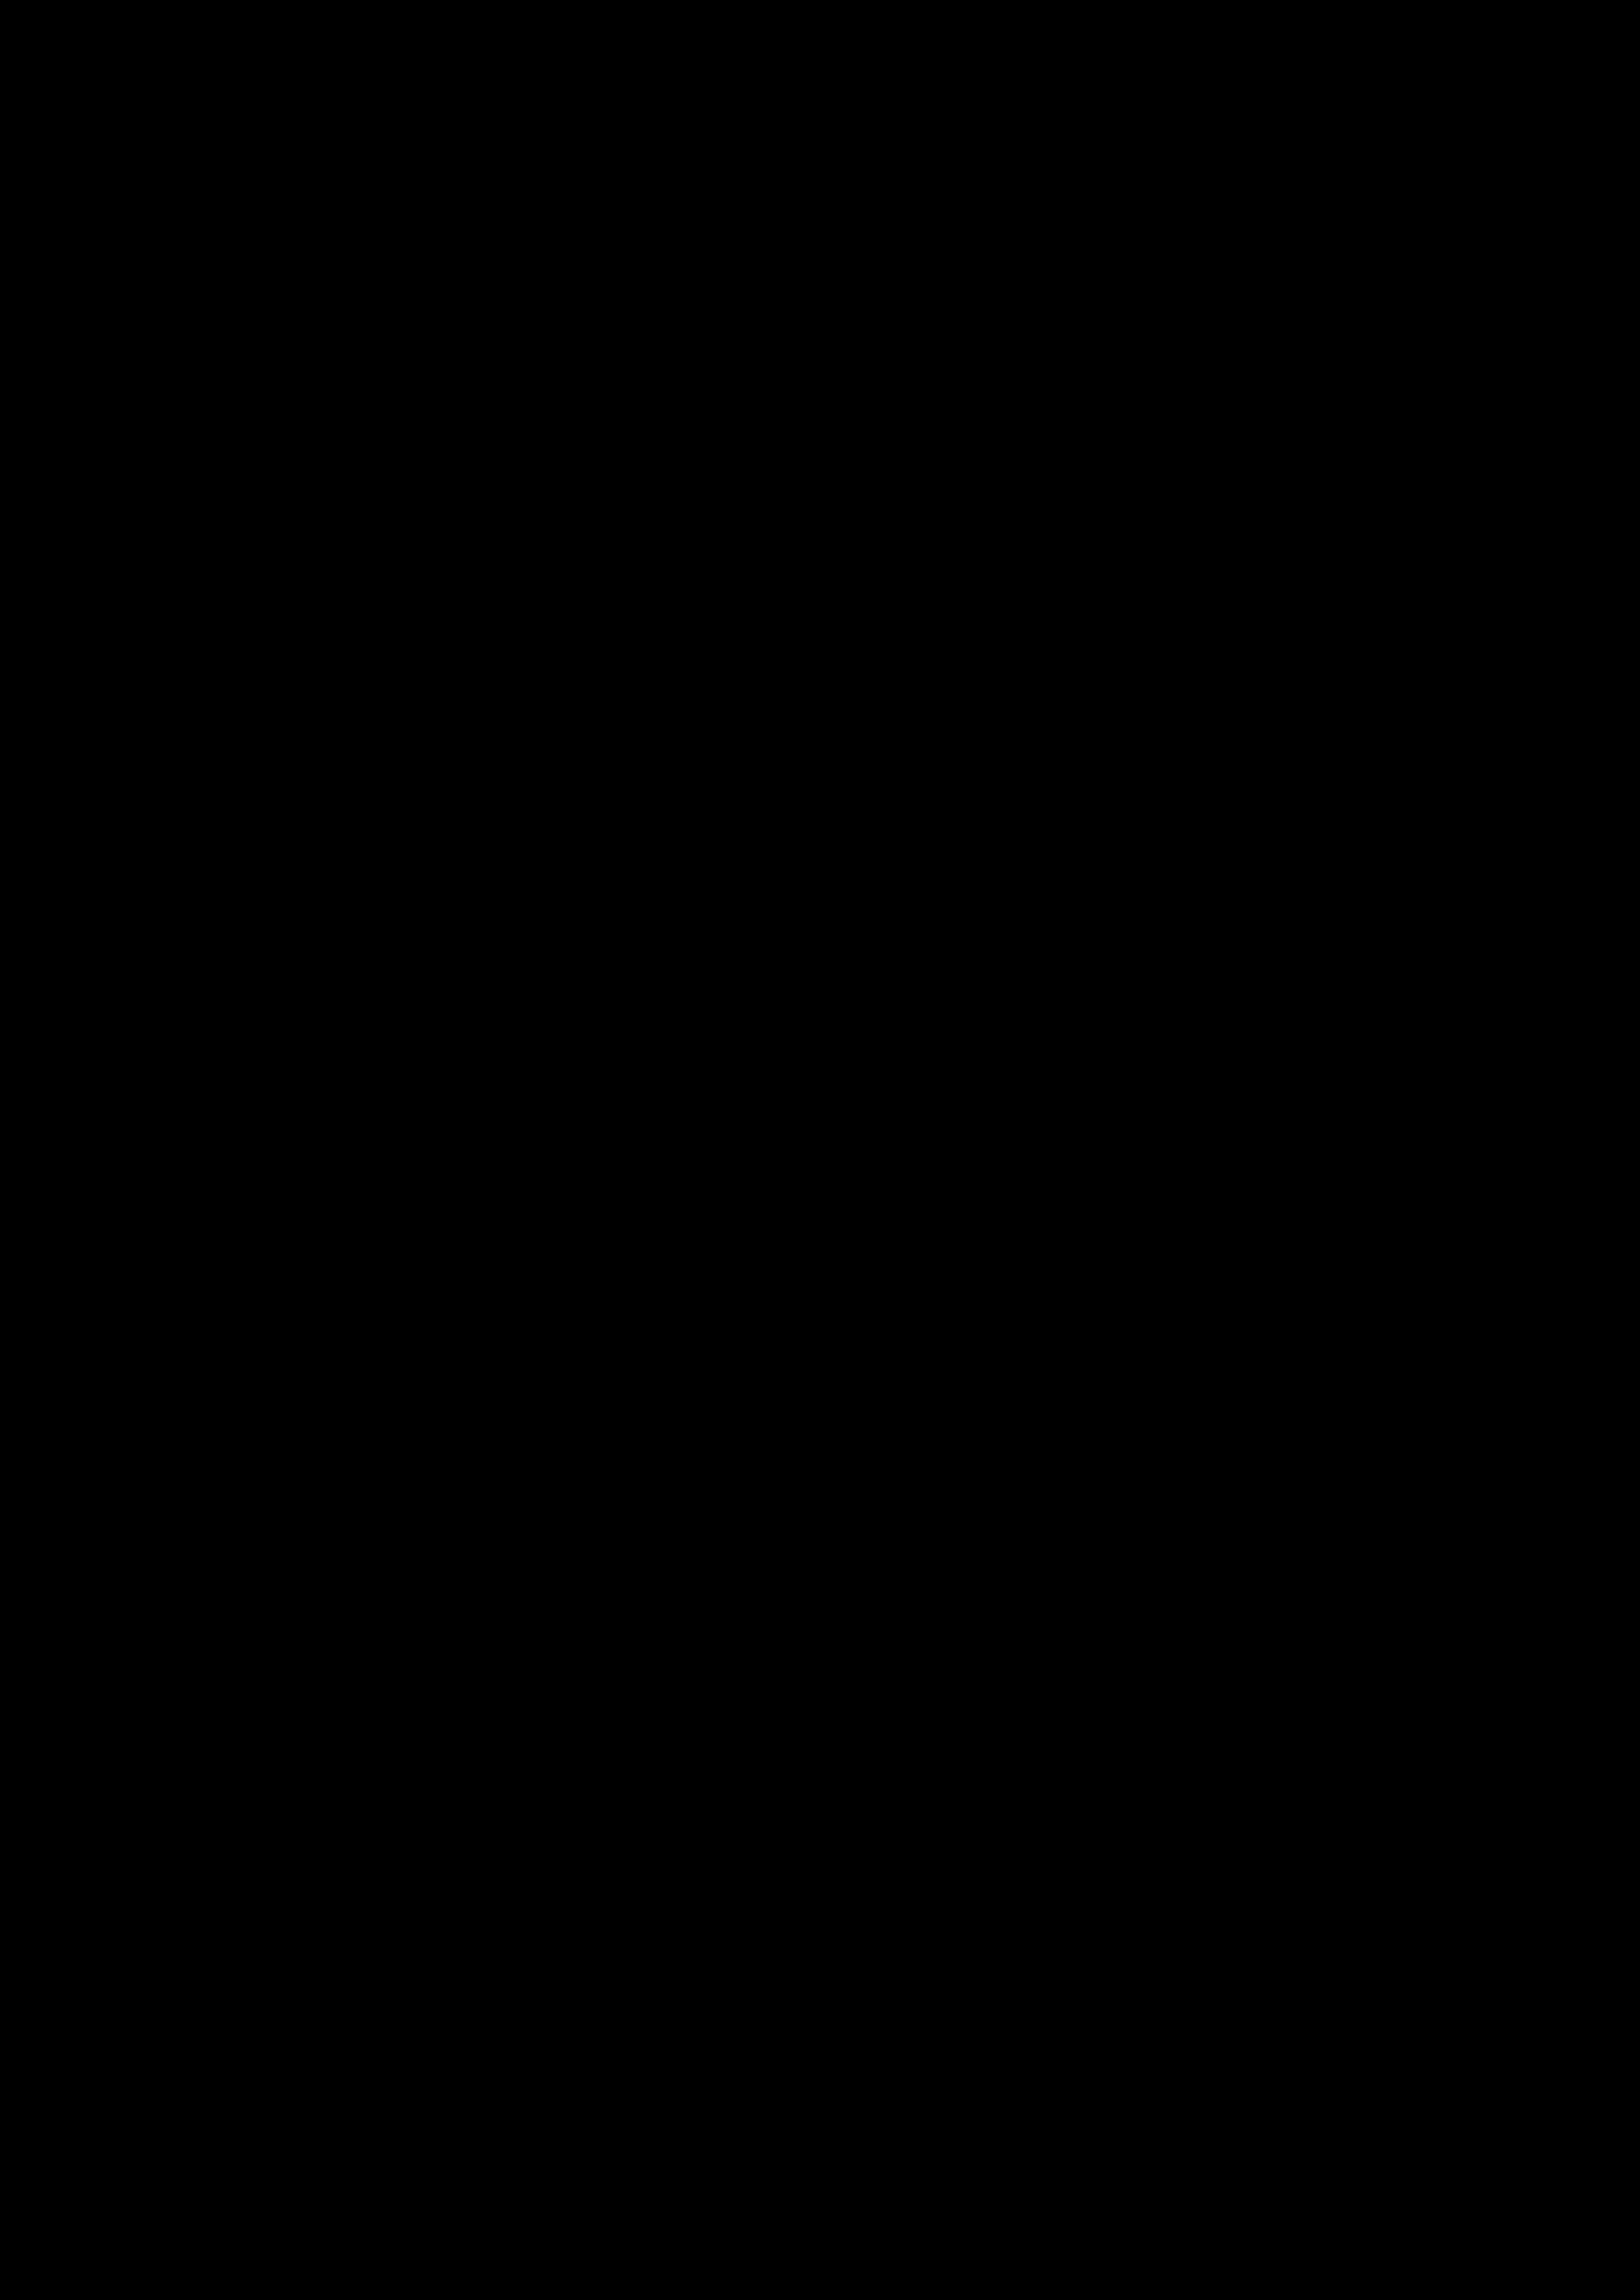 u2-tribute-green-covers-murcia